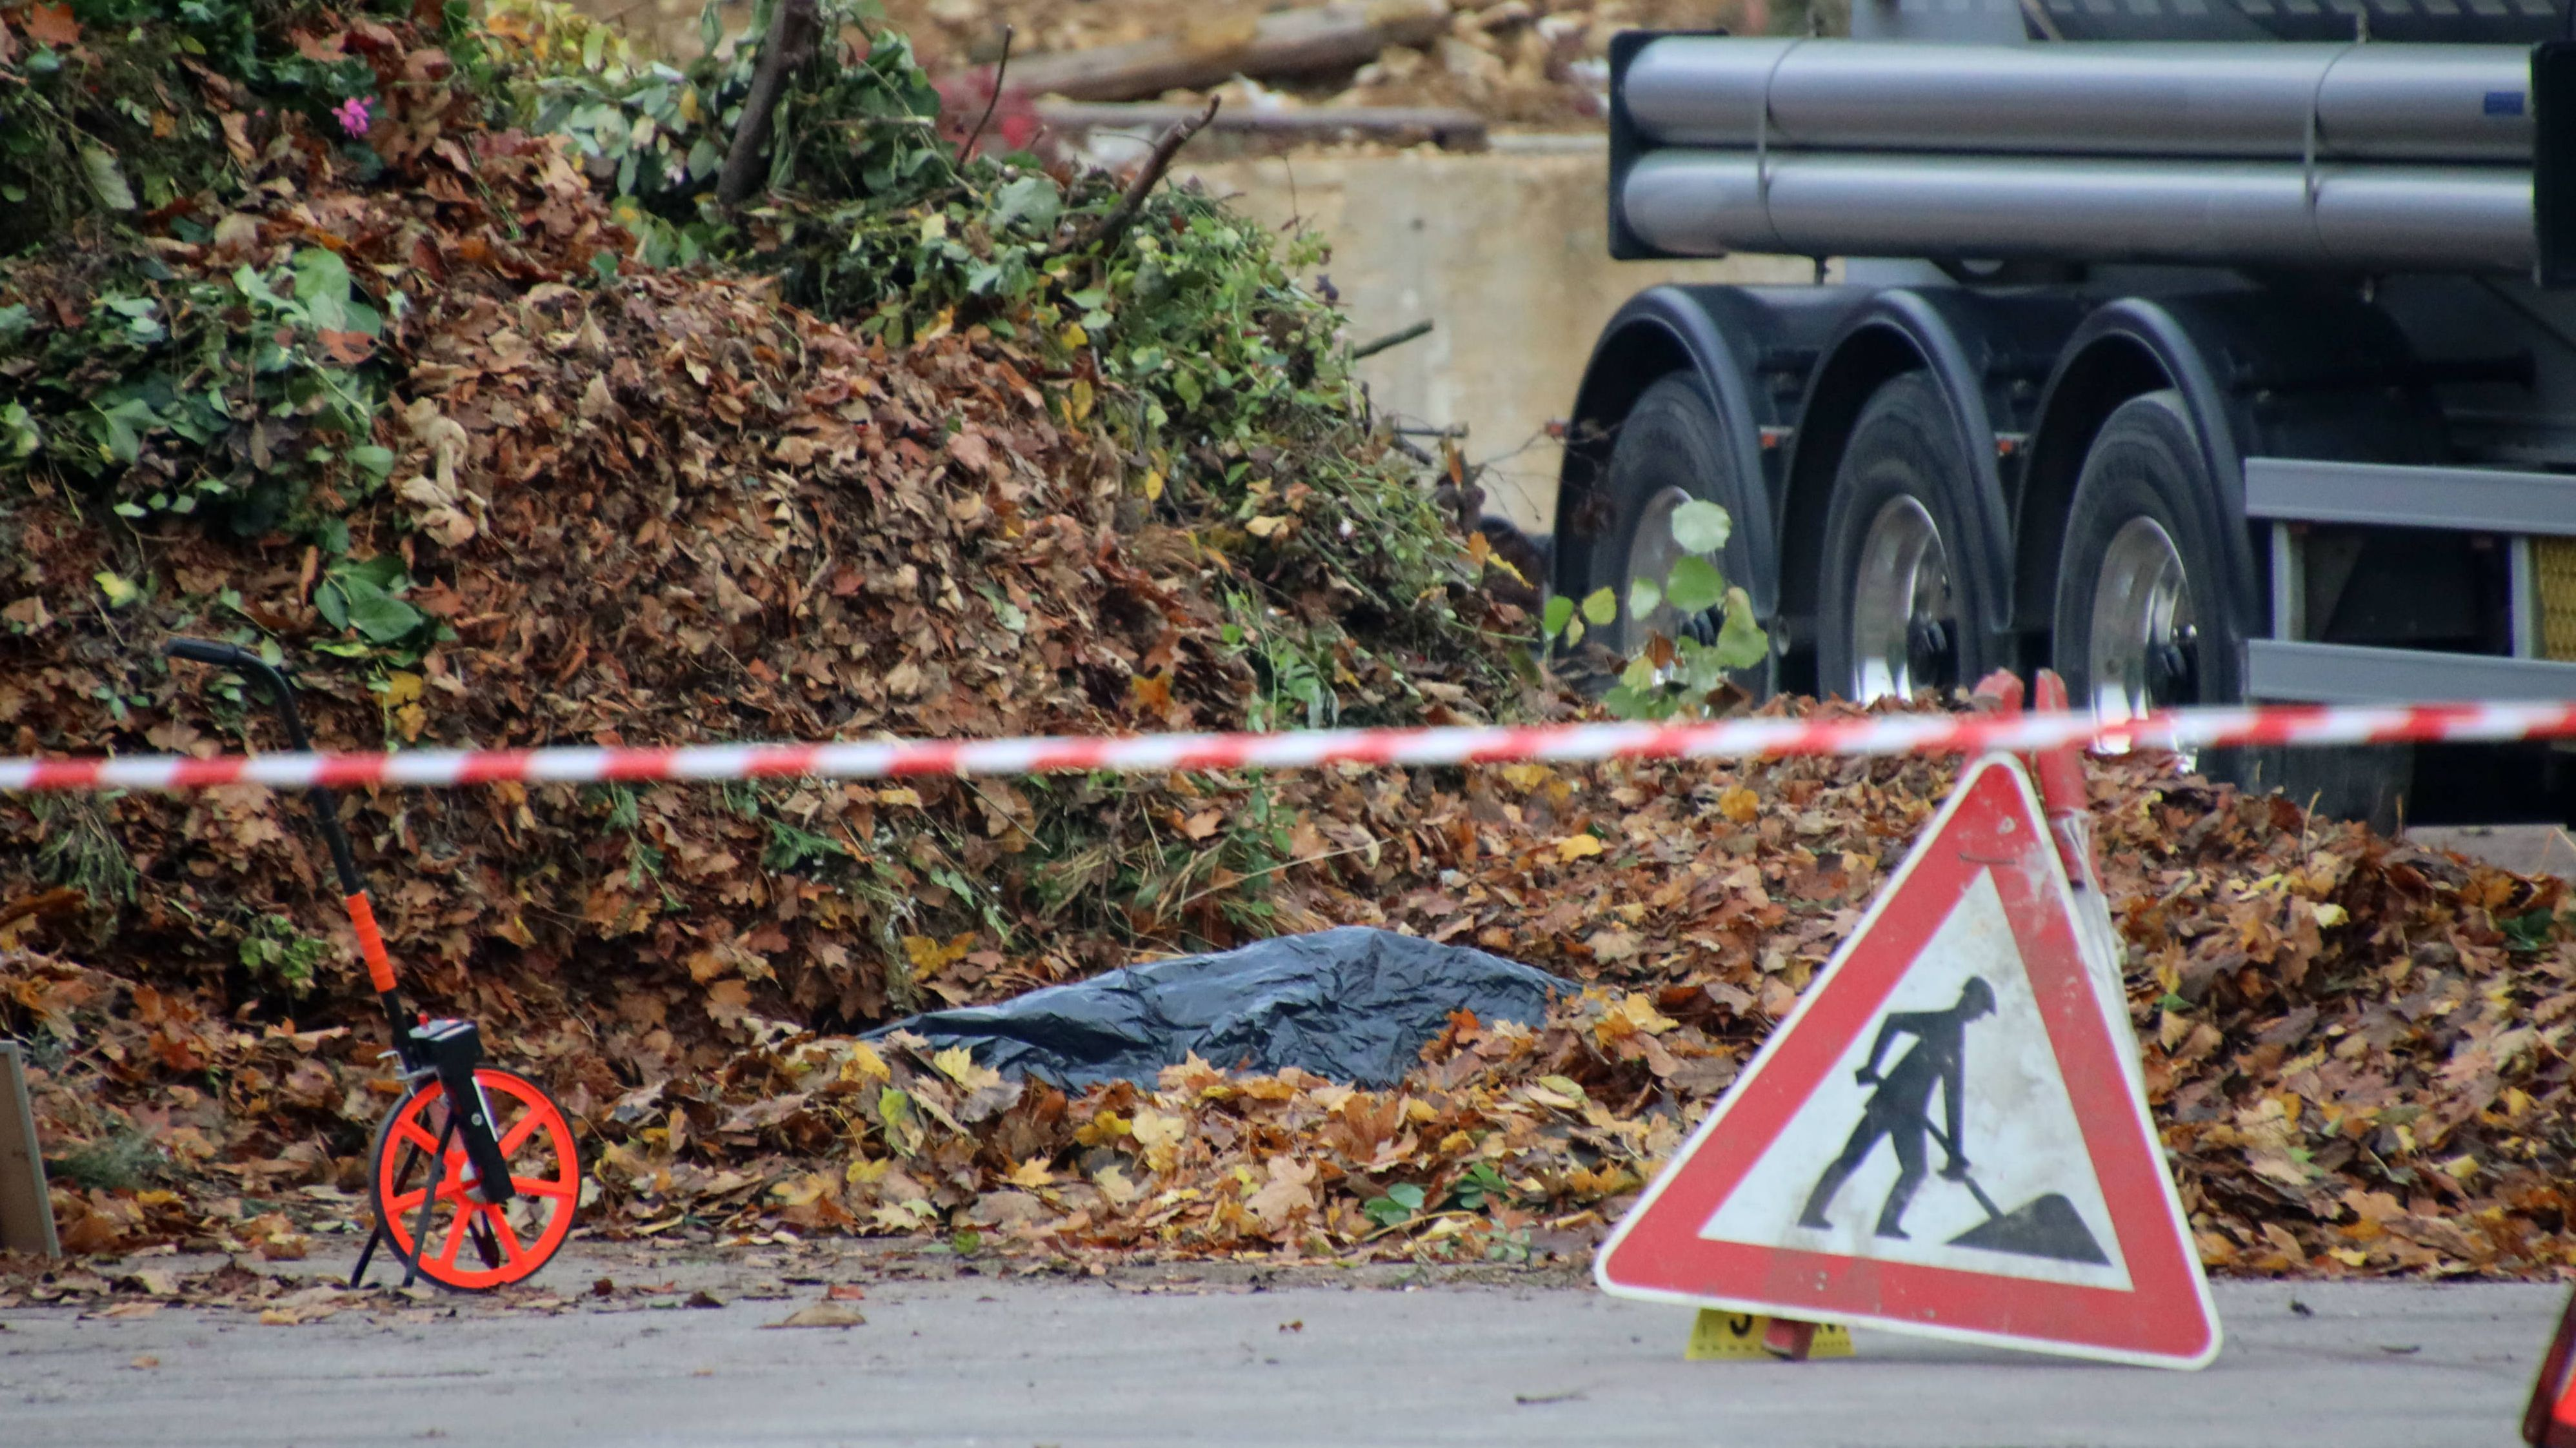 Auf dem Gelände einer Spedition in Burglengenfeld wurde die Leiche eines Mannes gefunden.